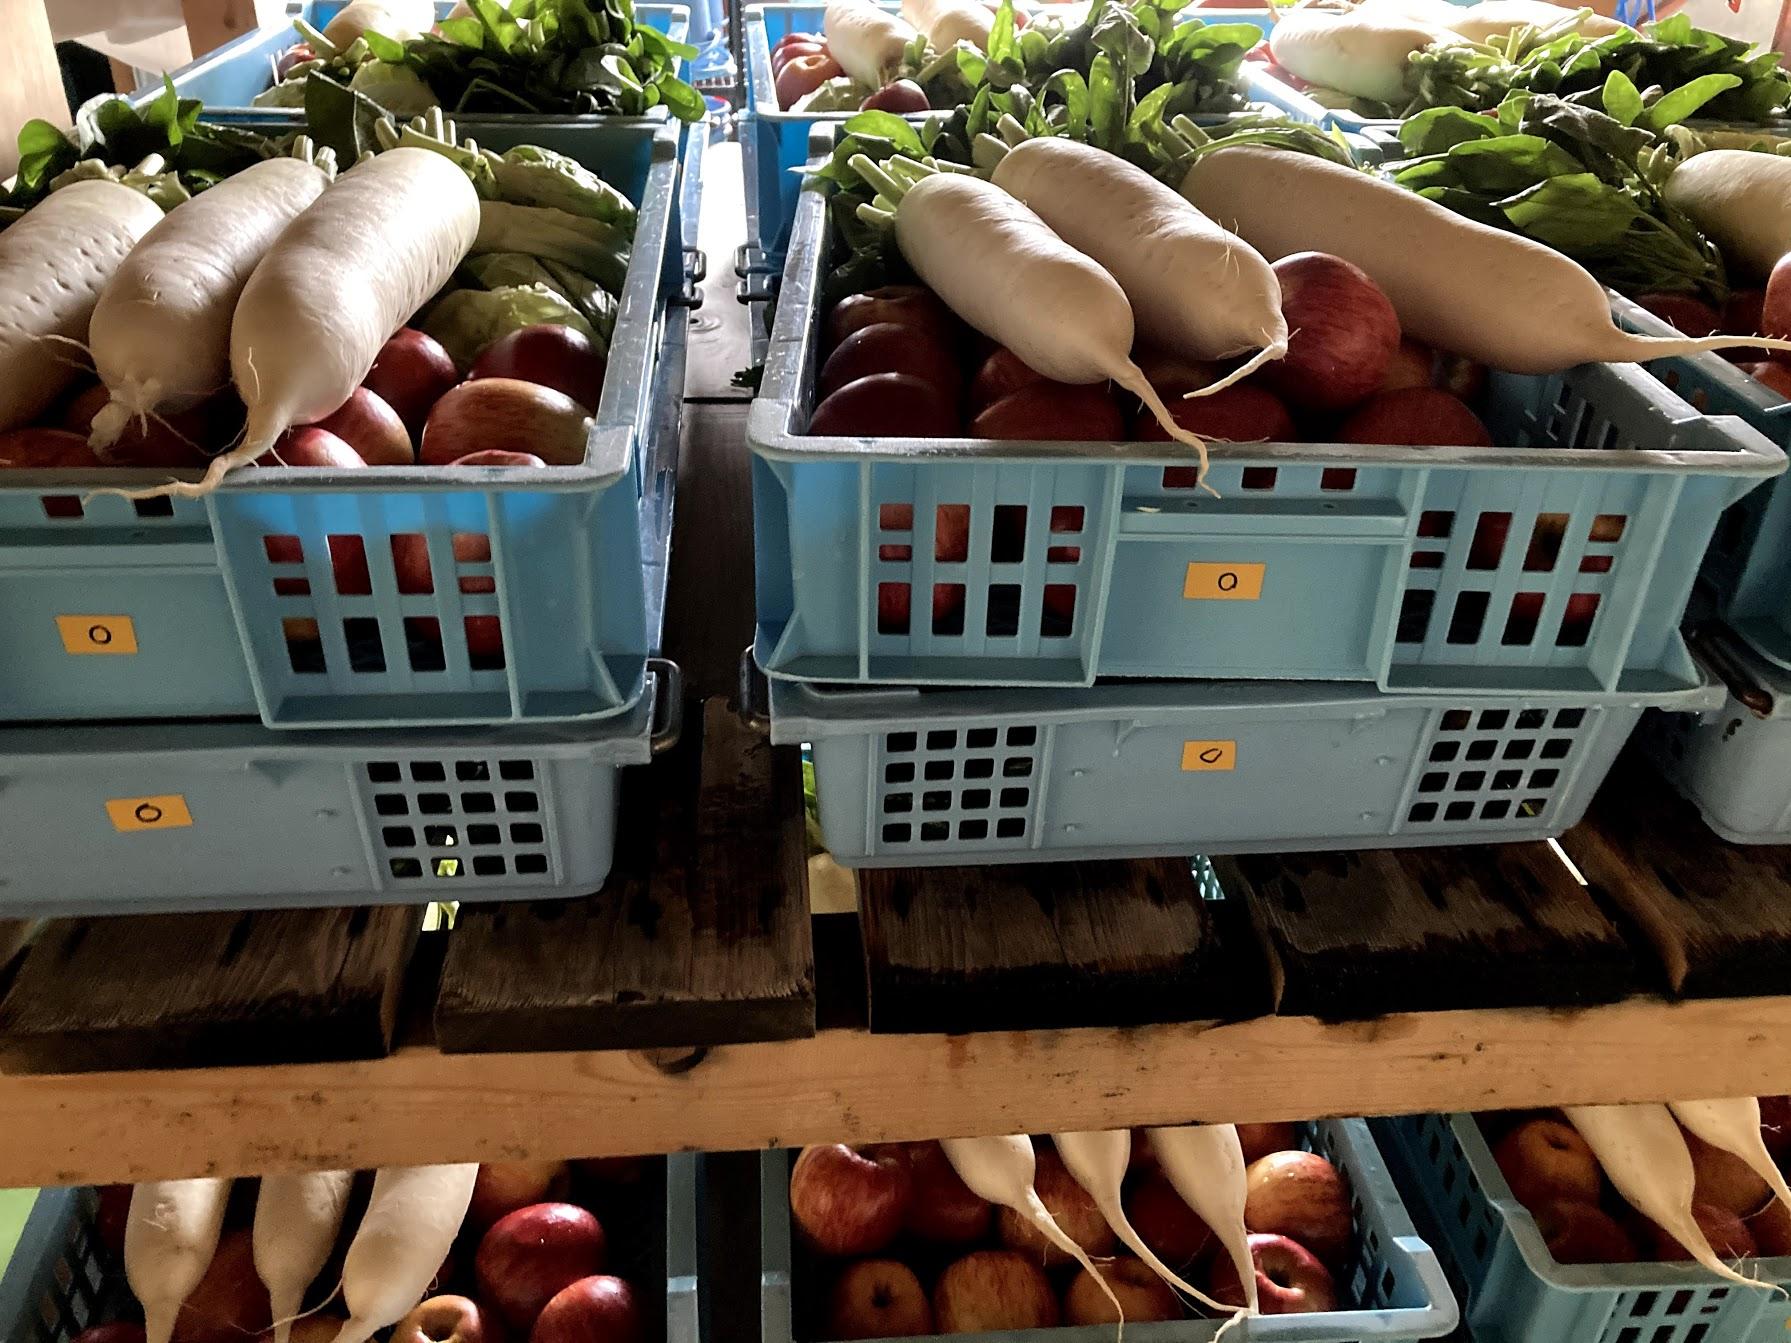 酵素の原料となる野菜や果物。これらのフレッシュな現慮のエキスだけ発酵させる(水は使わない)のがウチの酵素の特徴のひとつ